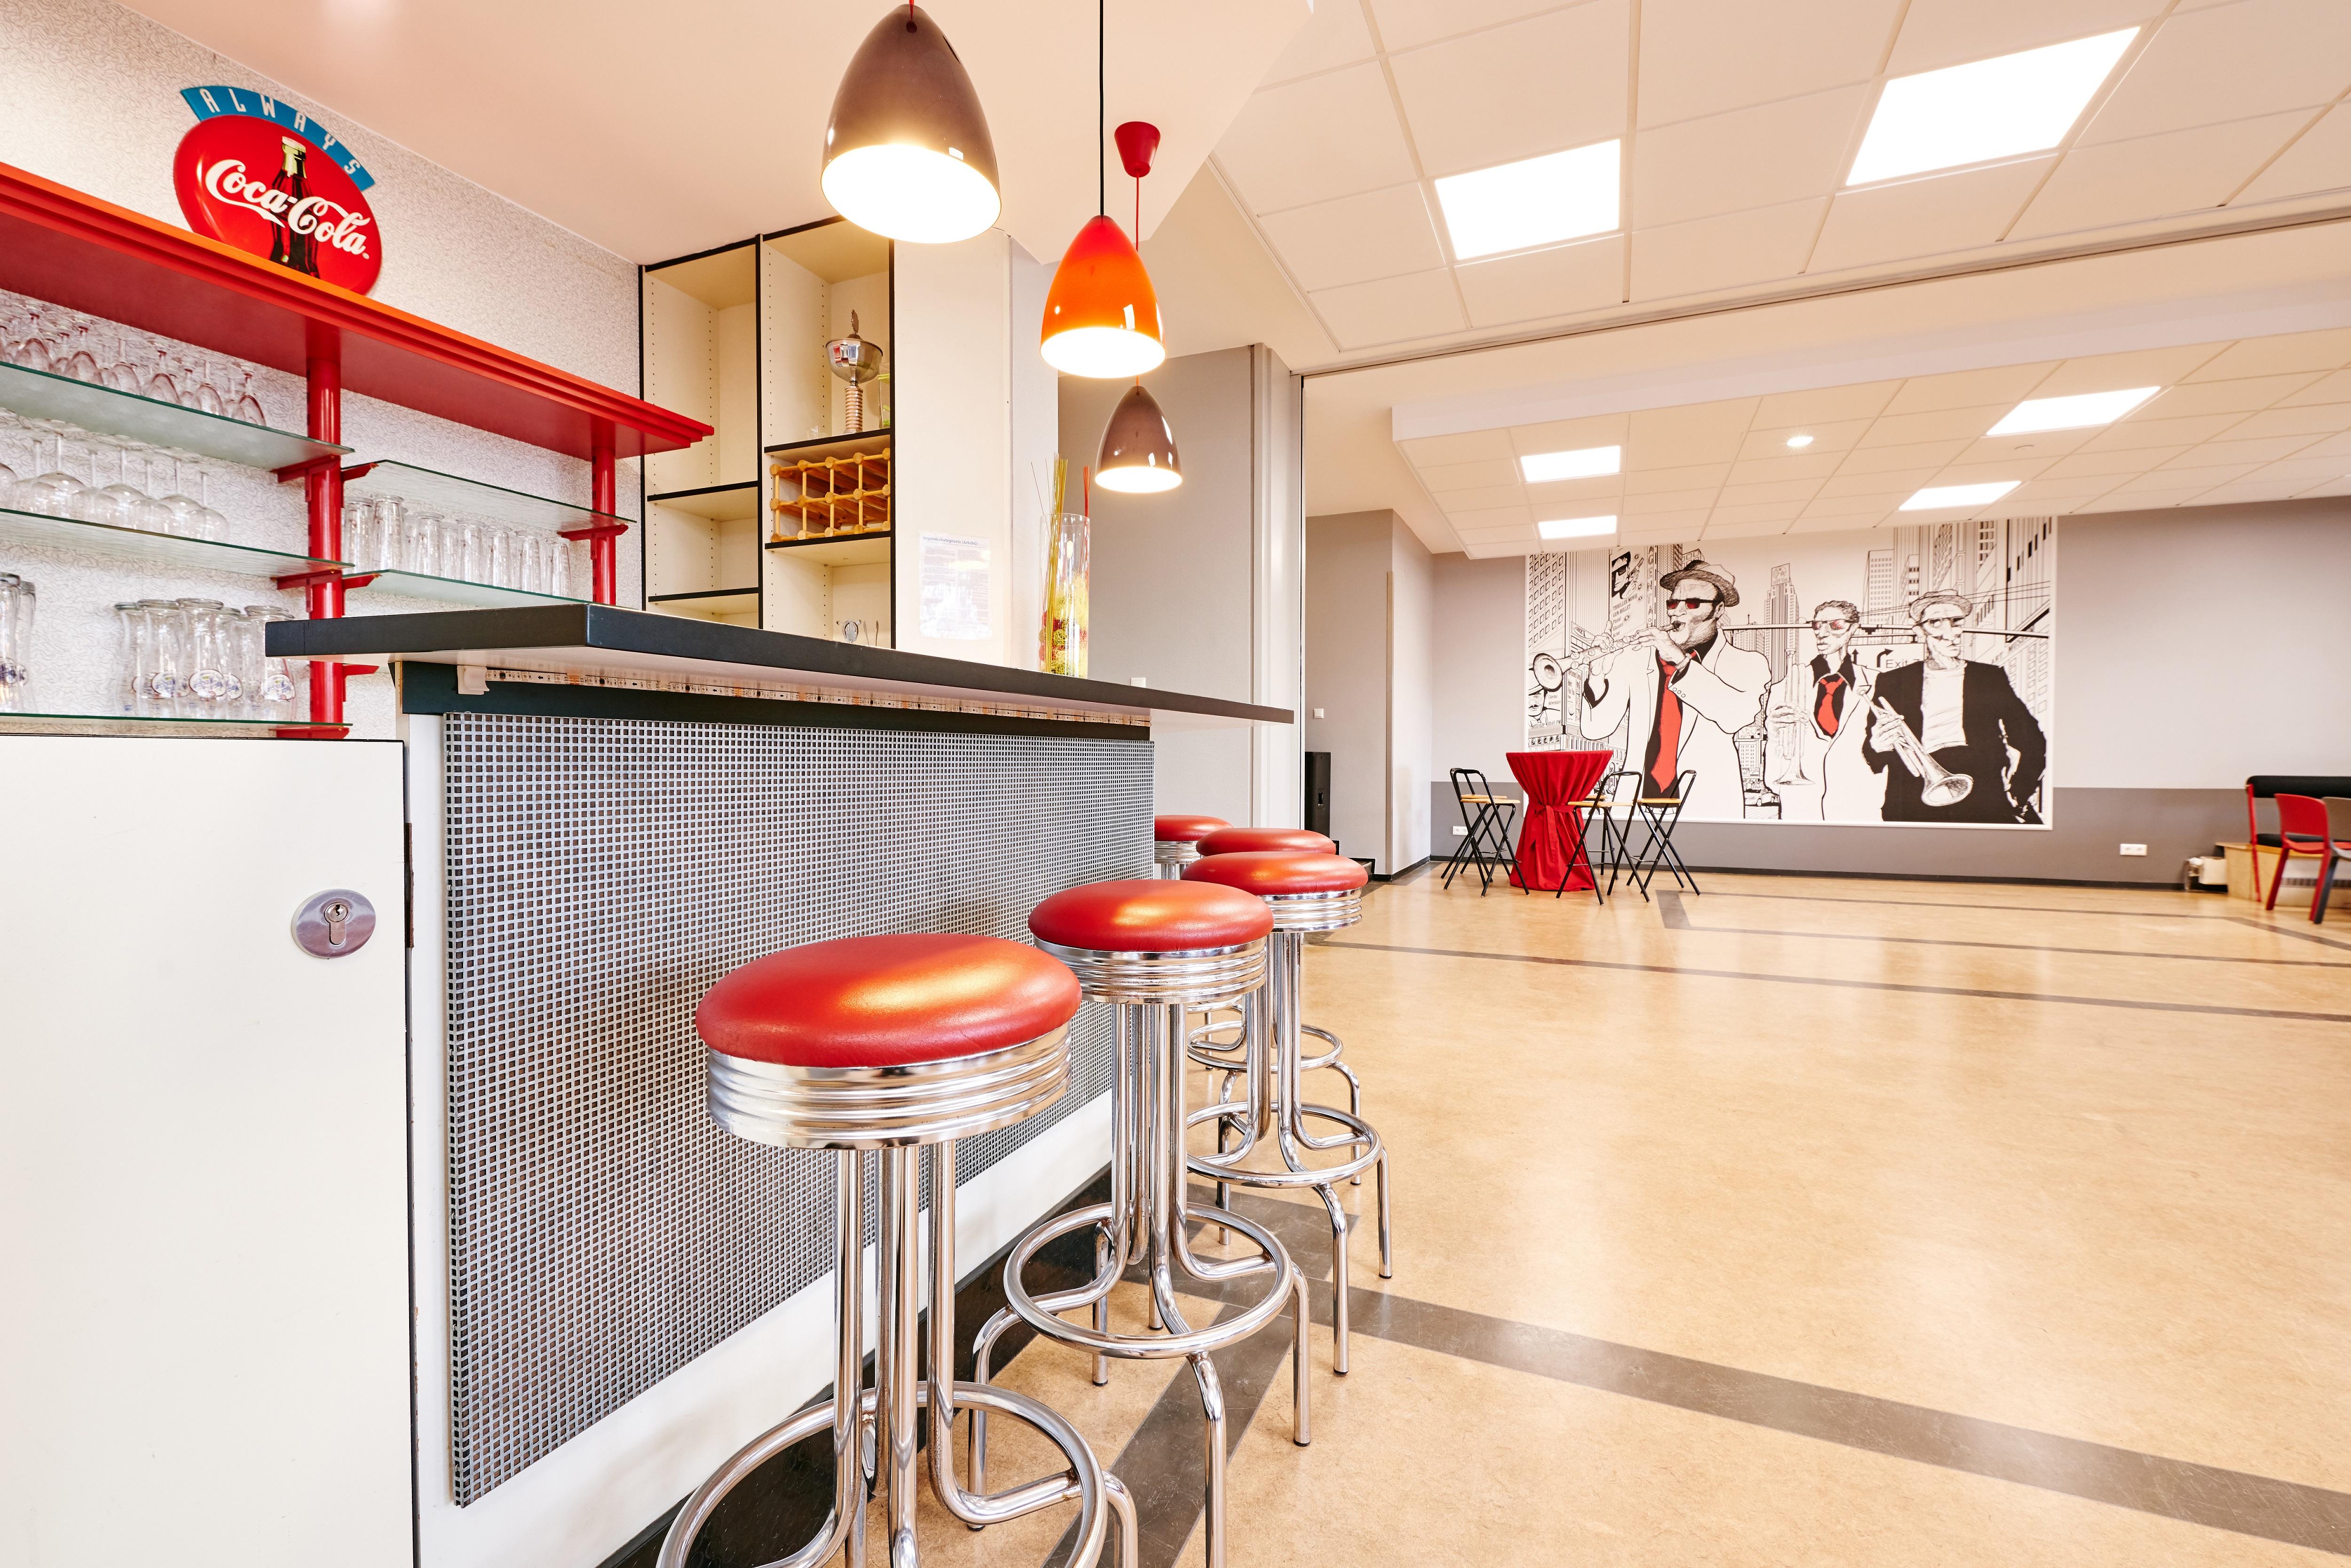 jugendherberge rotenburg w mme in 27356 rotenburg w mme. Black Bedroom Furniture Sets. Home Design Ideas